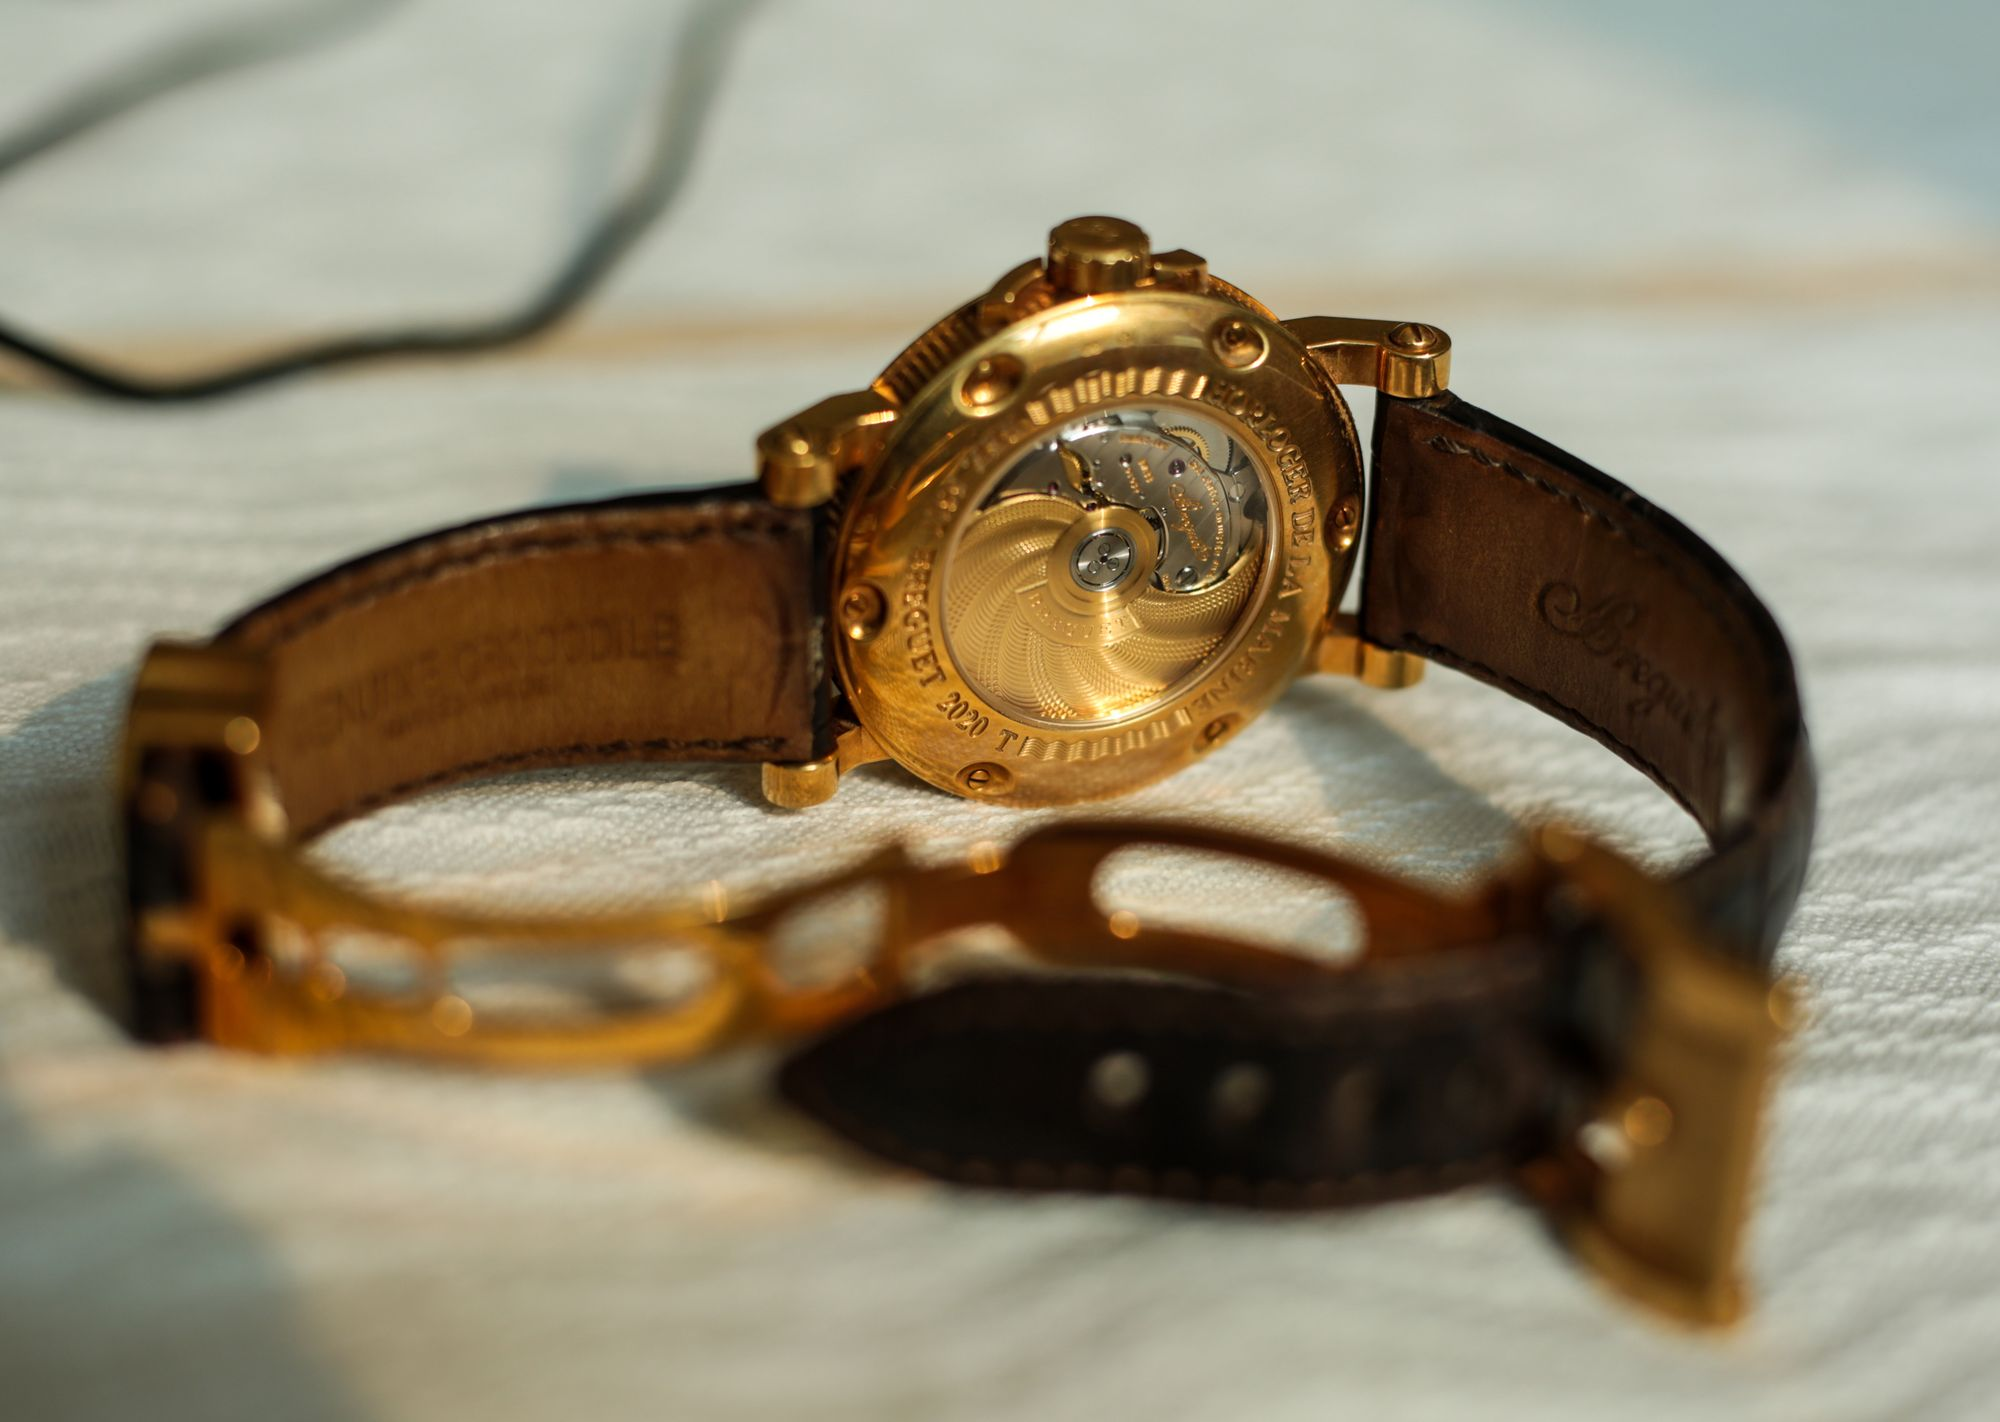 DILJEET TITUS 15 - Talking watches with Diljeet Titus